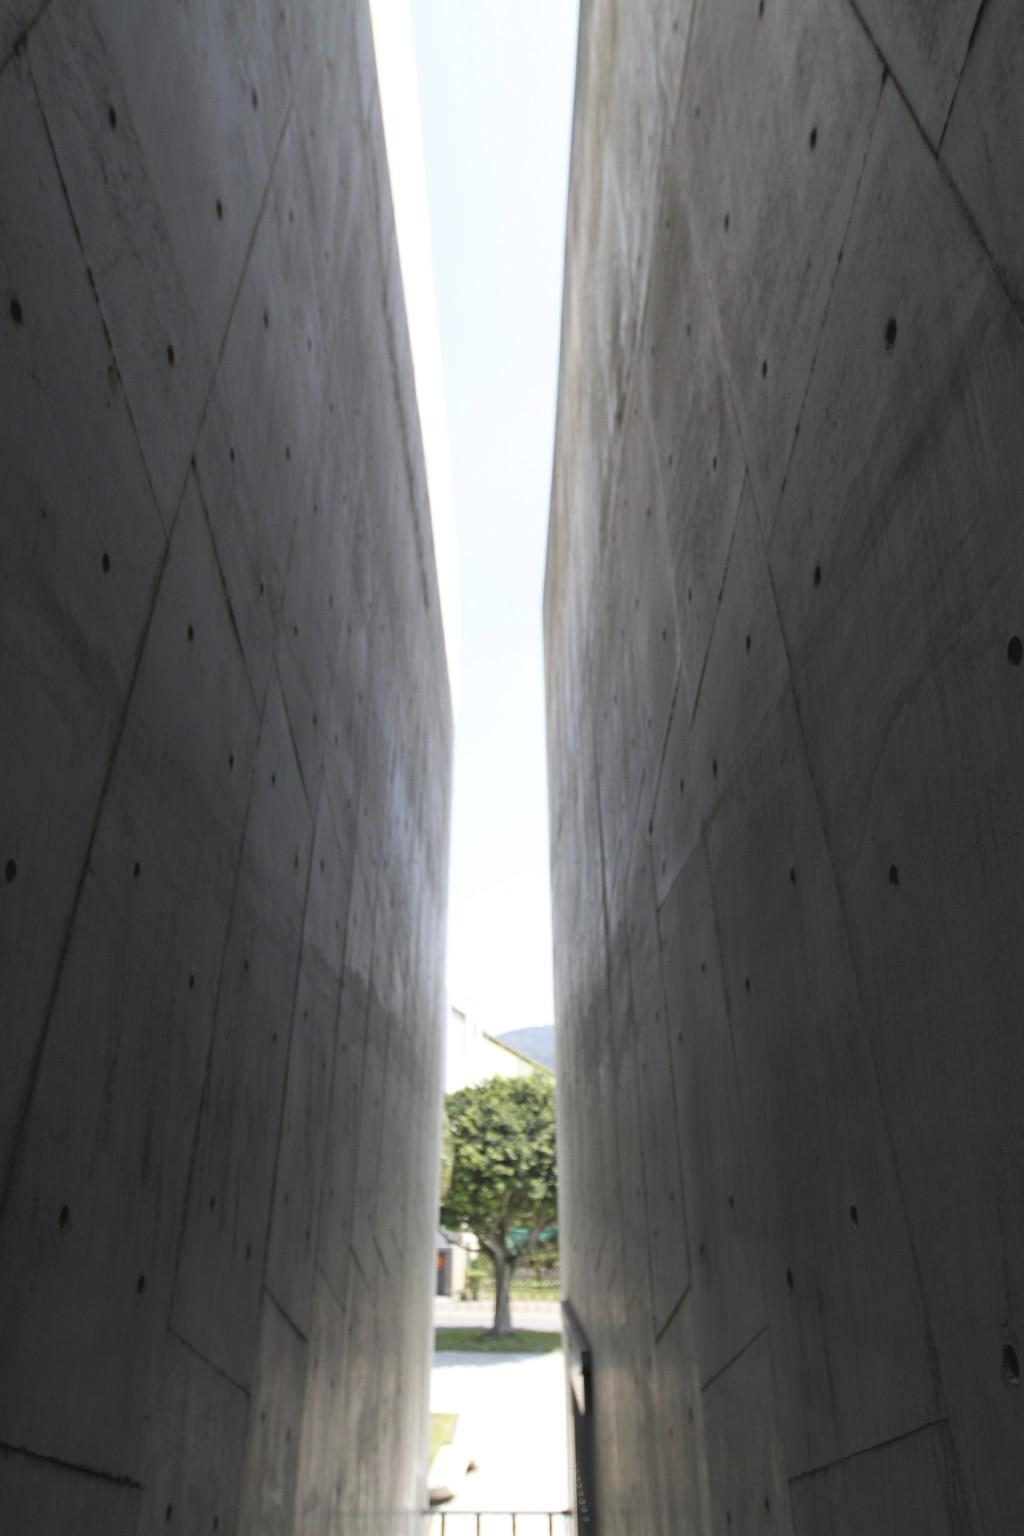 博物館の出口。左右両側を、打ちっぱなしのコンクリート壁に囲まれた、印象的な空間